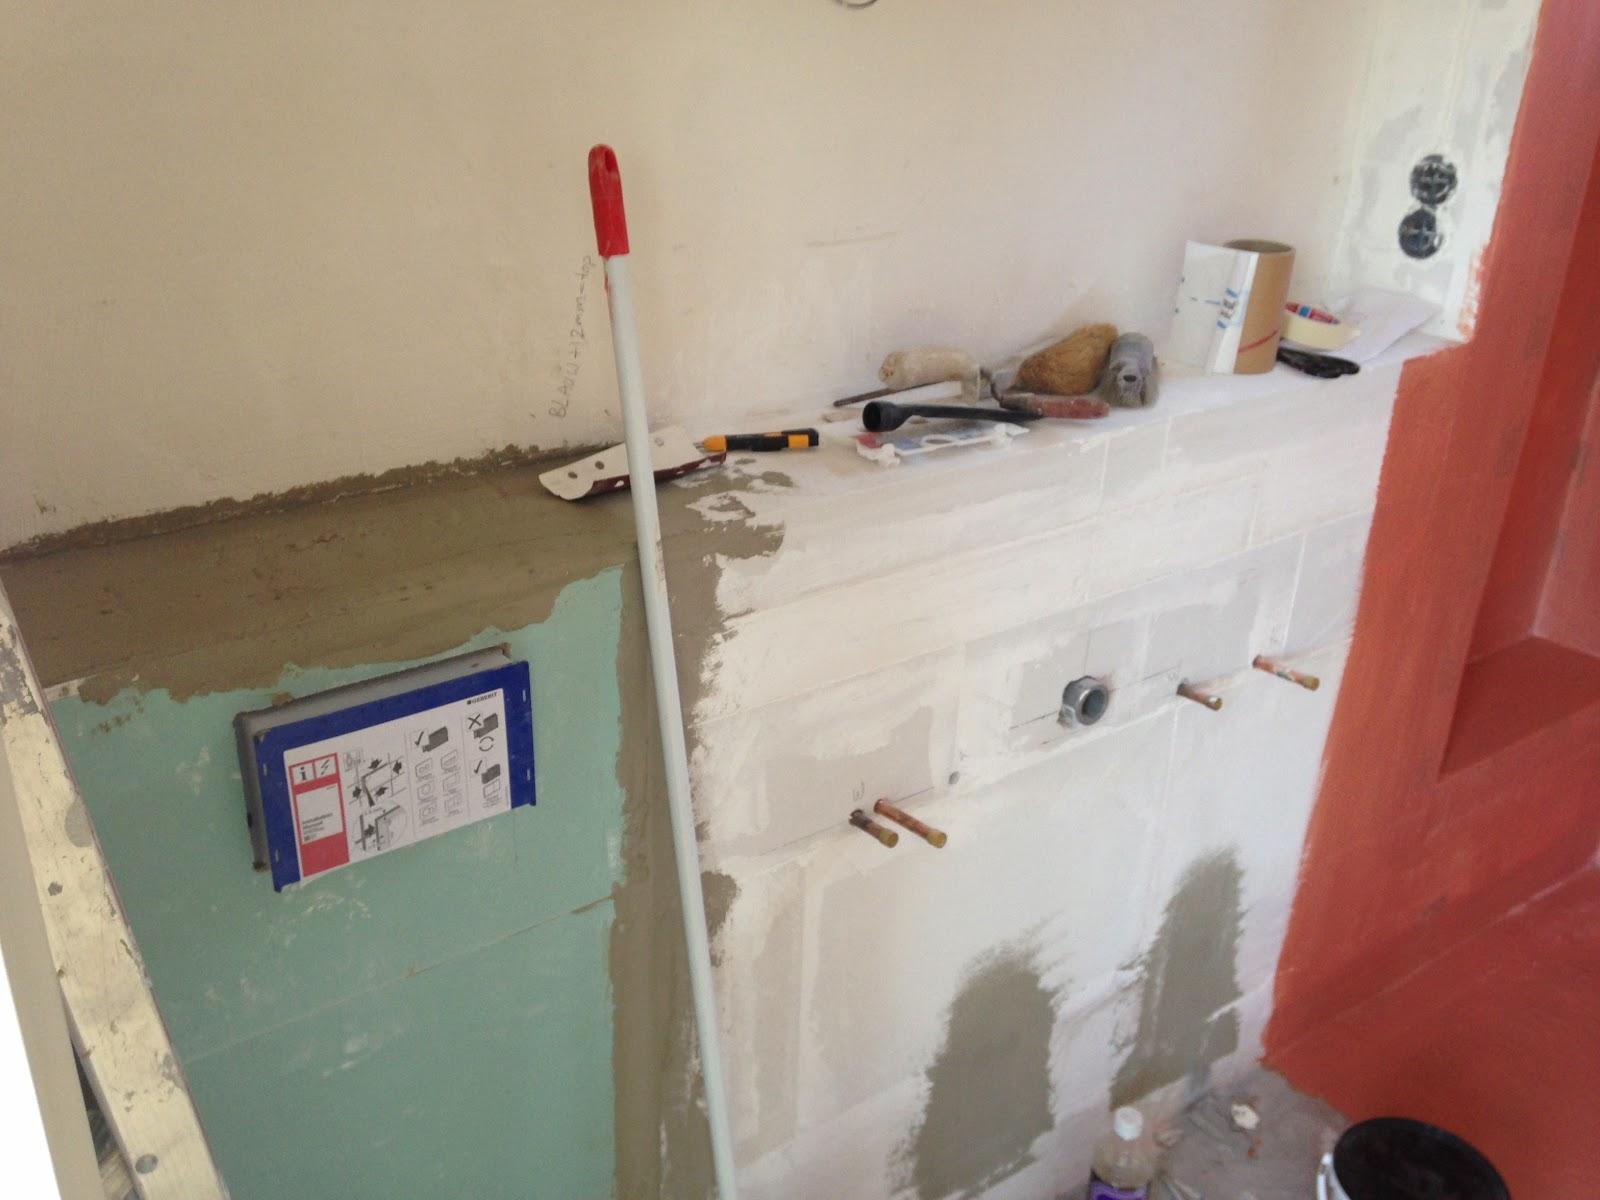 De grote verbouwing badkamer betegeld - Badkamer betegeld ...